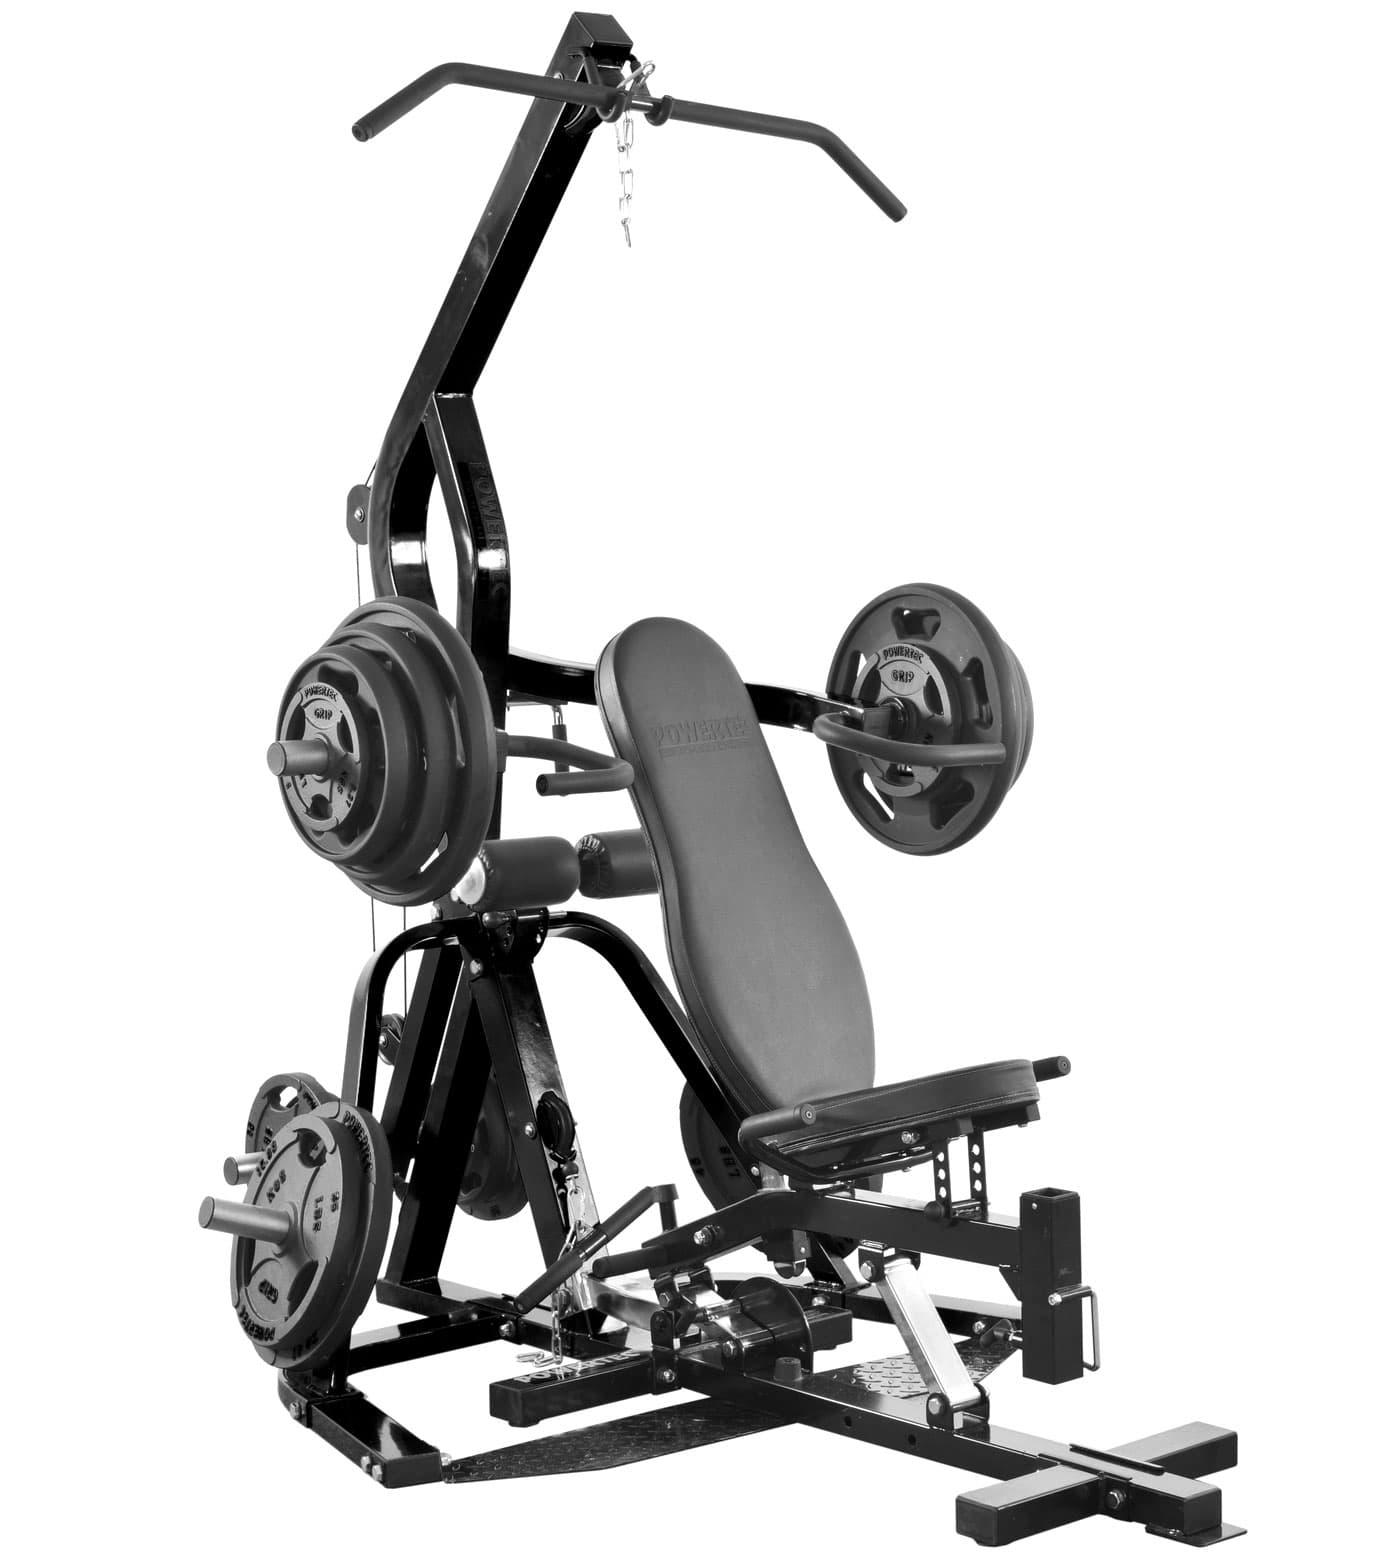 Силовой тренажер Powertec Lever Gym TM WB-LS14-B - Мультистанции, артикул:4092